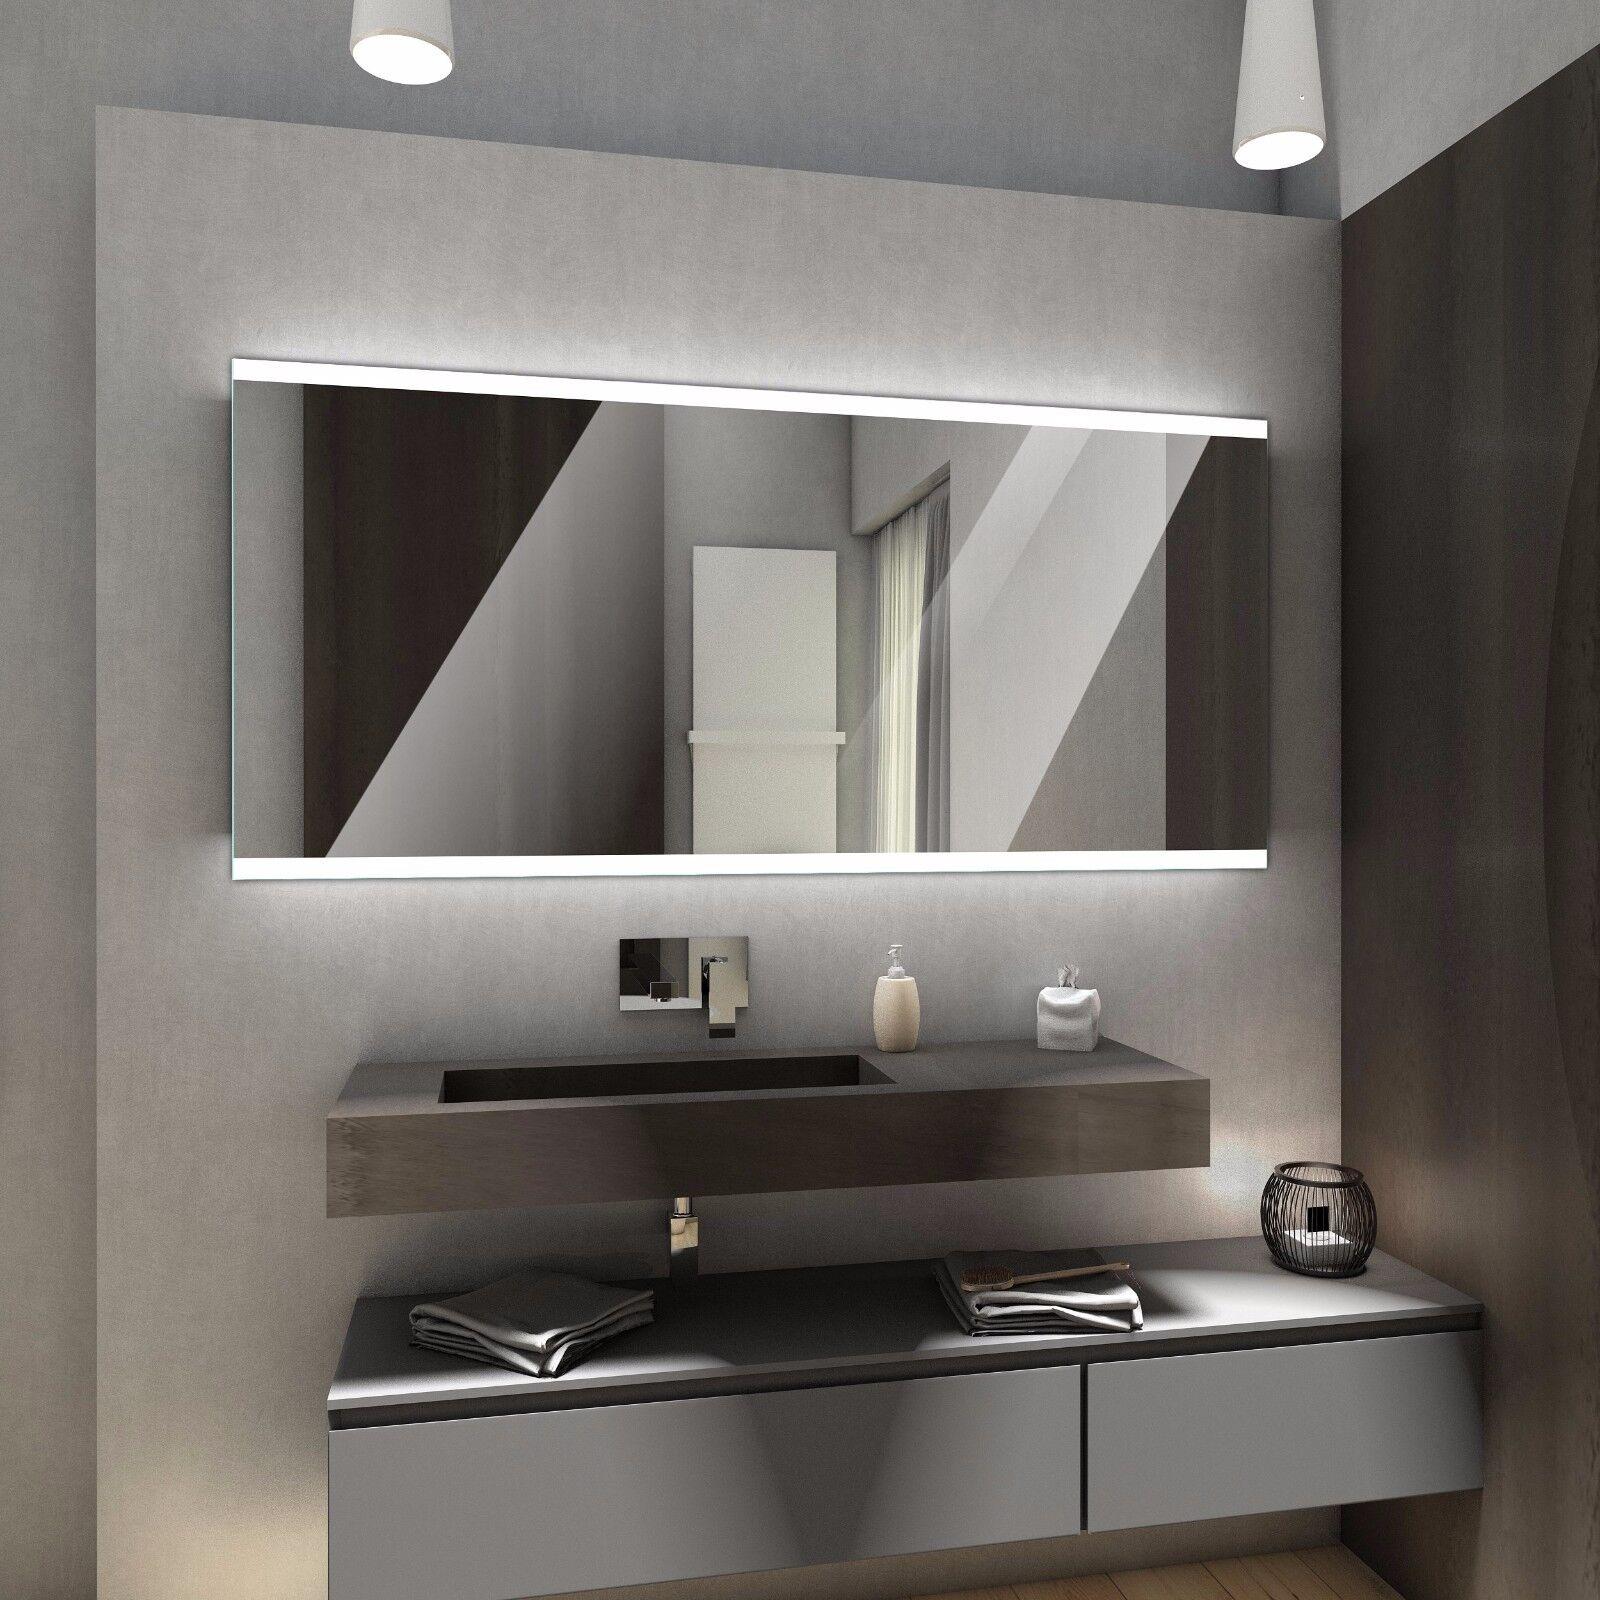 BRASIL MULTILED Badspiegel mit LED Beleuchtung Badezimmerspiegel nach Maß